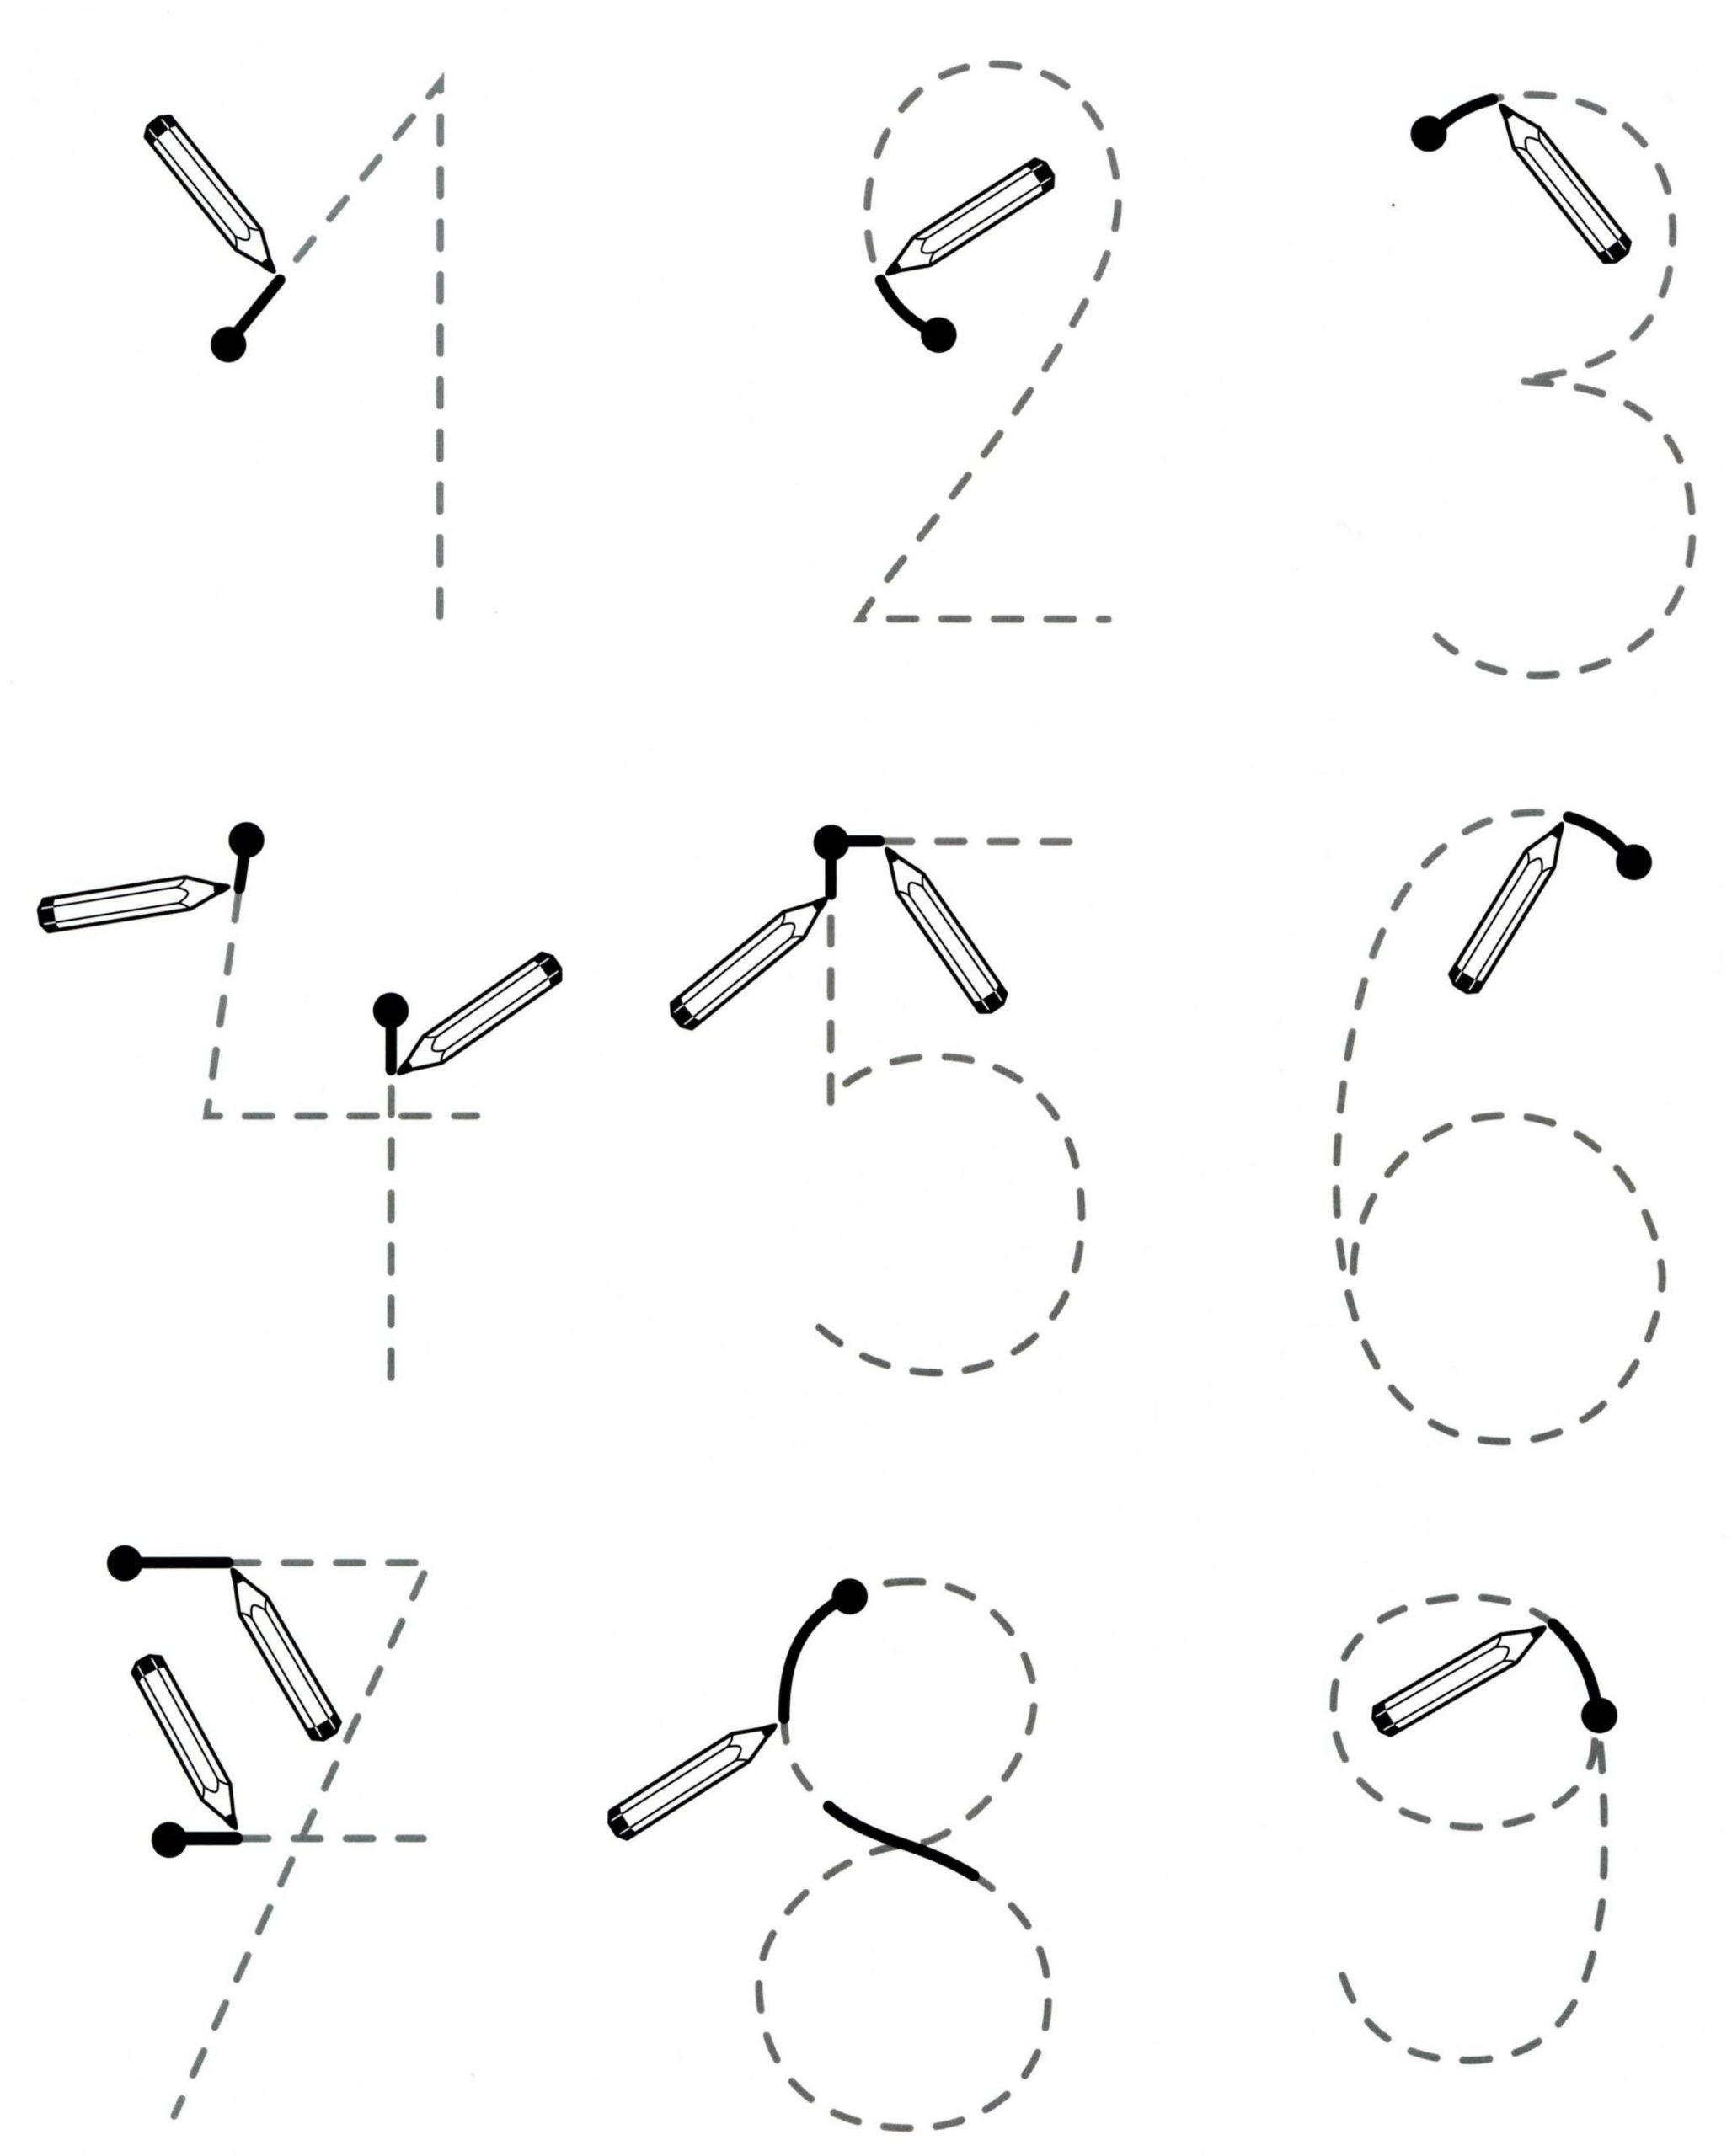 Graphisme Maternelle A Imprimer Gratuit Beau Graphisme intérieur Exercice De Graphisme Petite Section A Imprimer